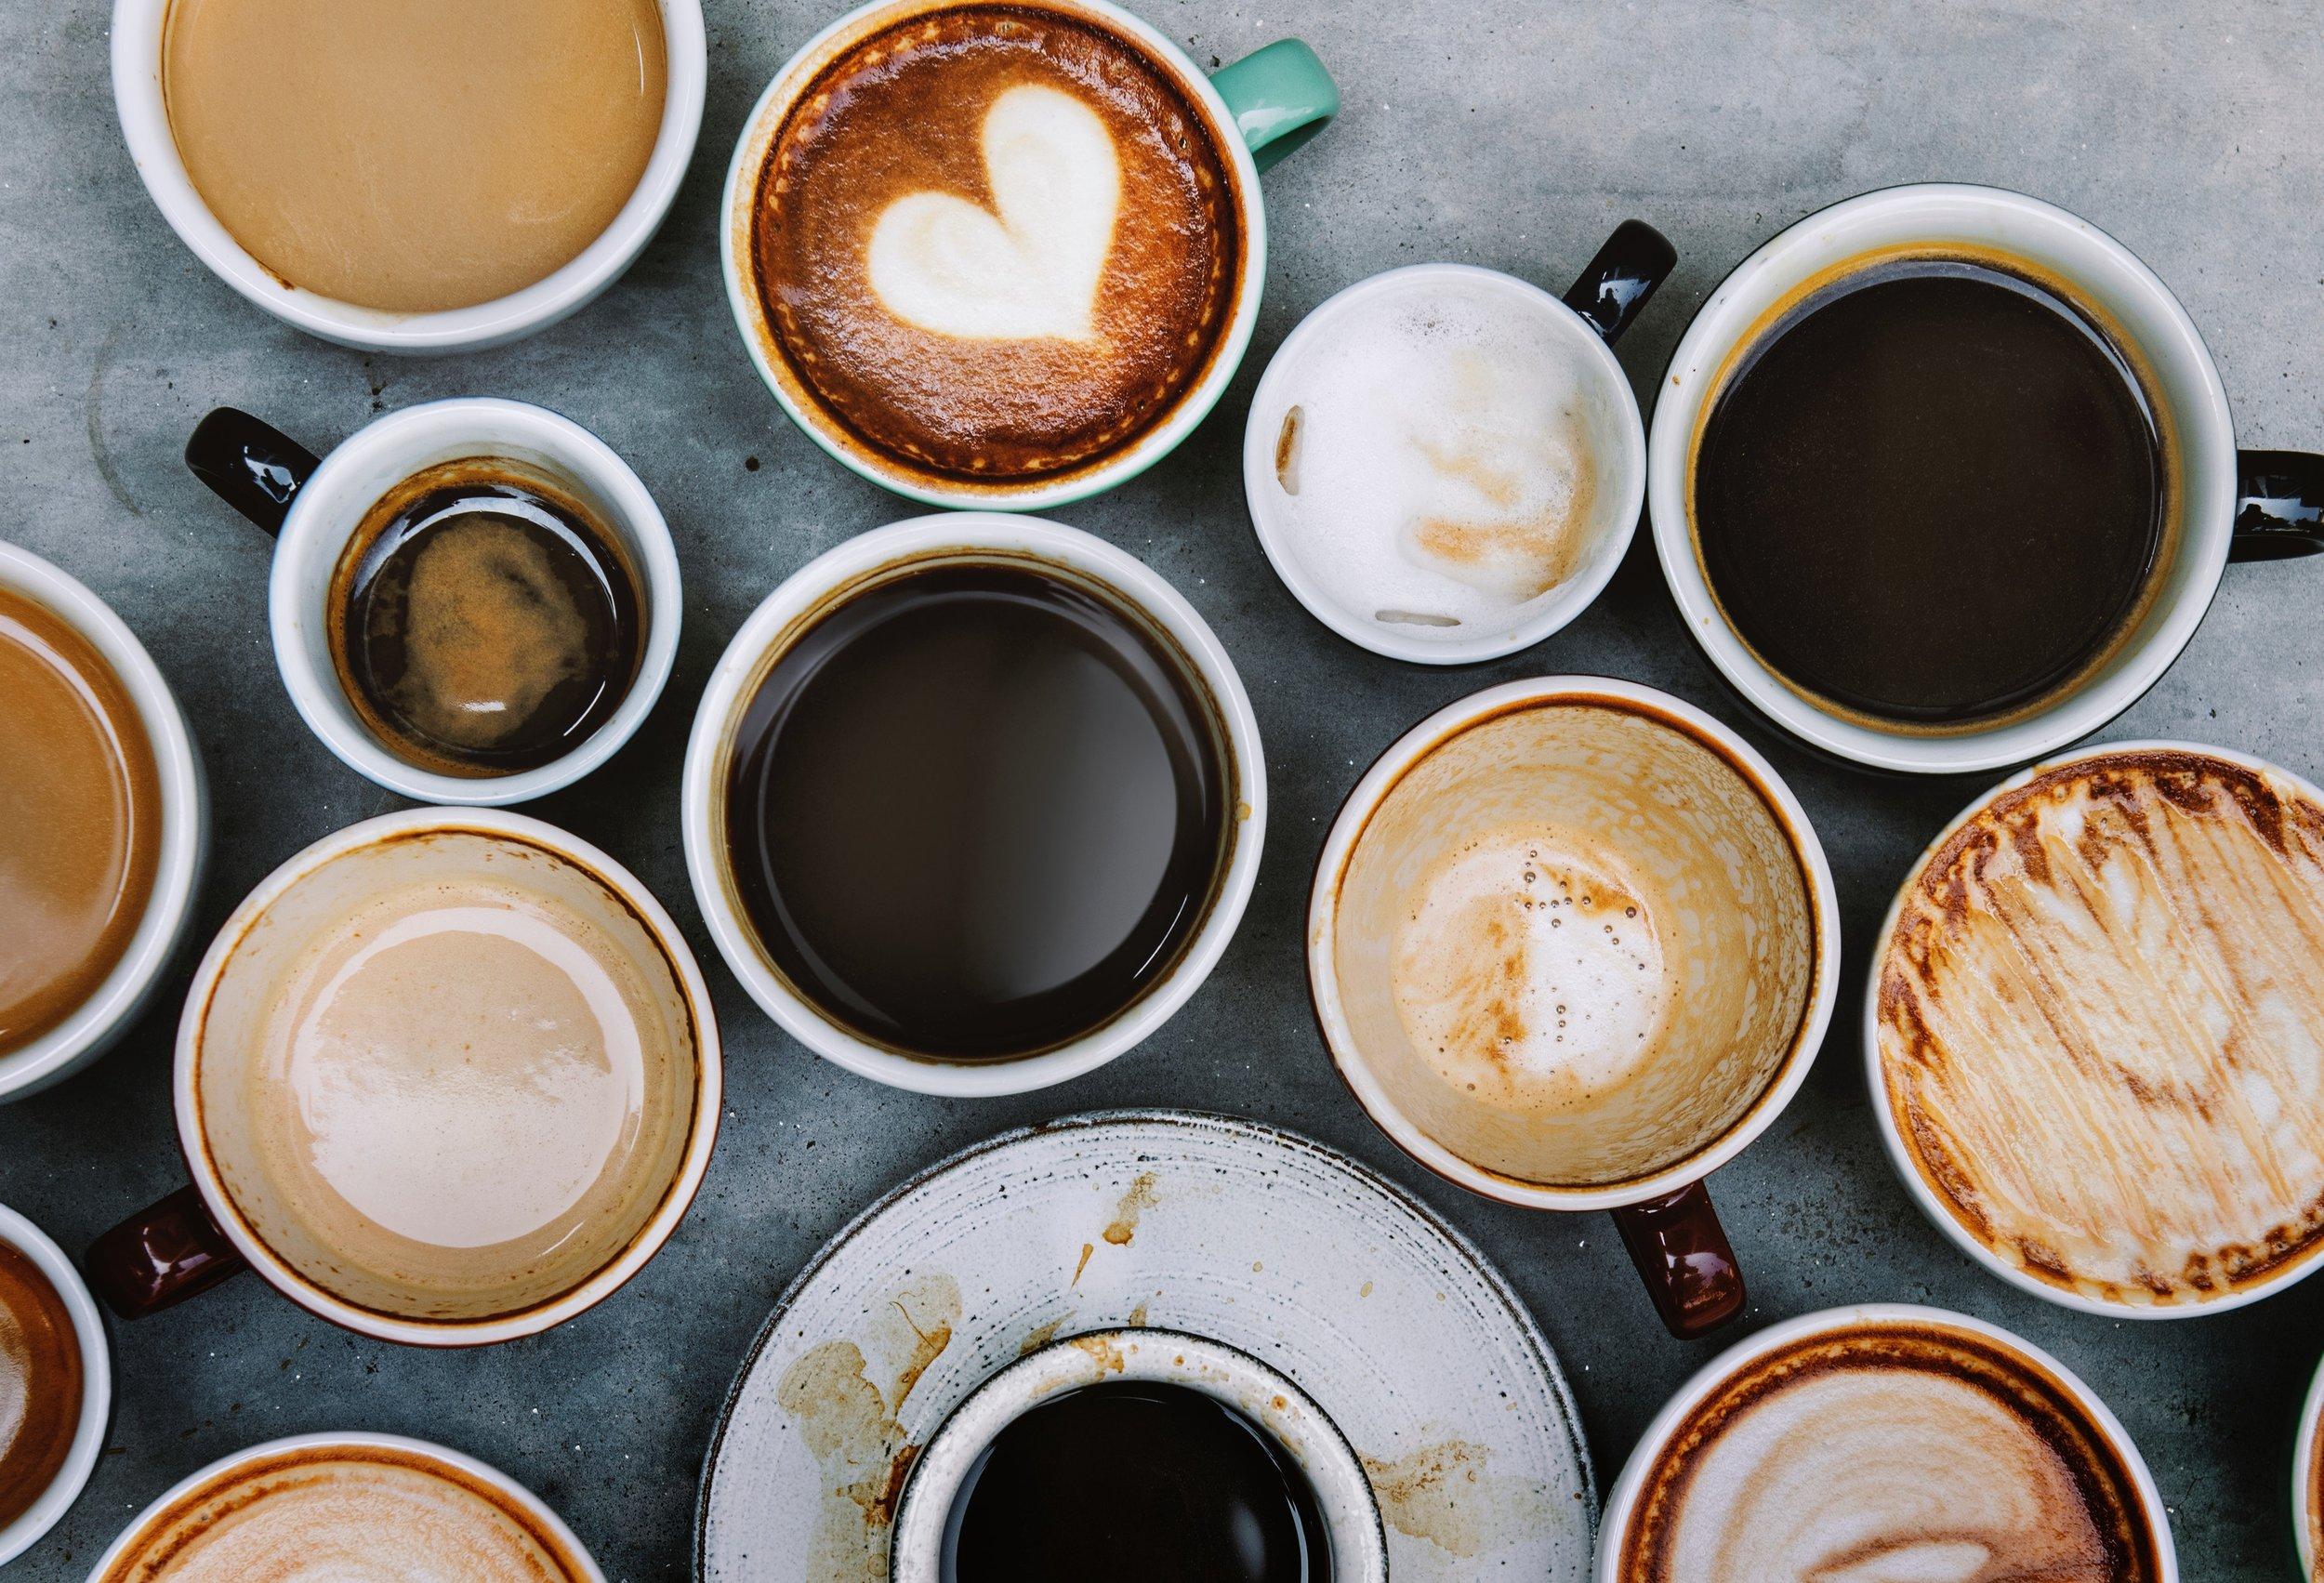 CoffeeShop-AprildawnPhotography-Feb2019_2.jpg